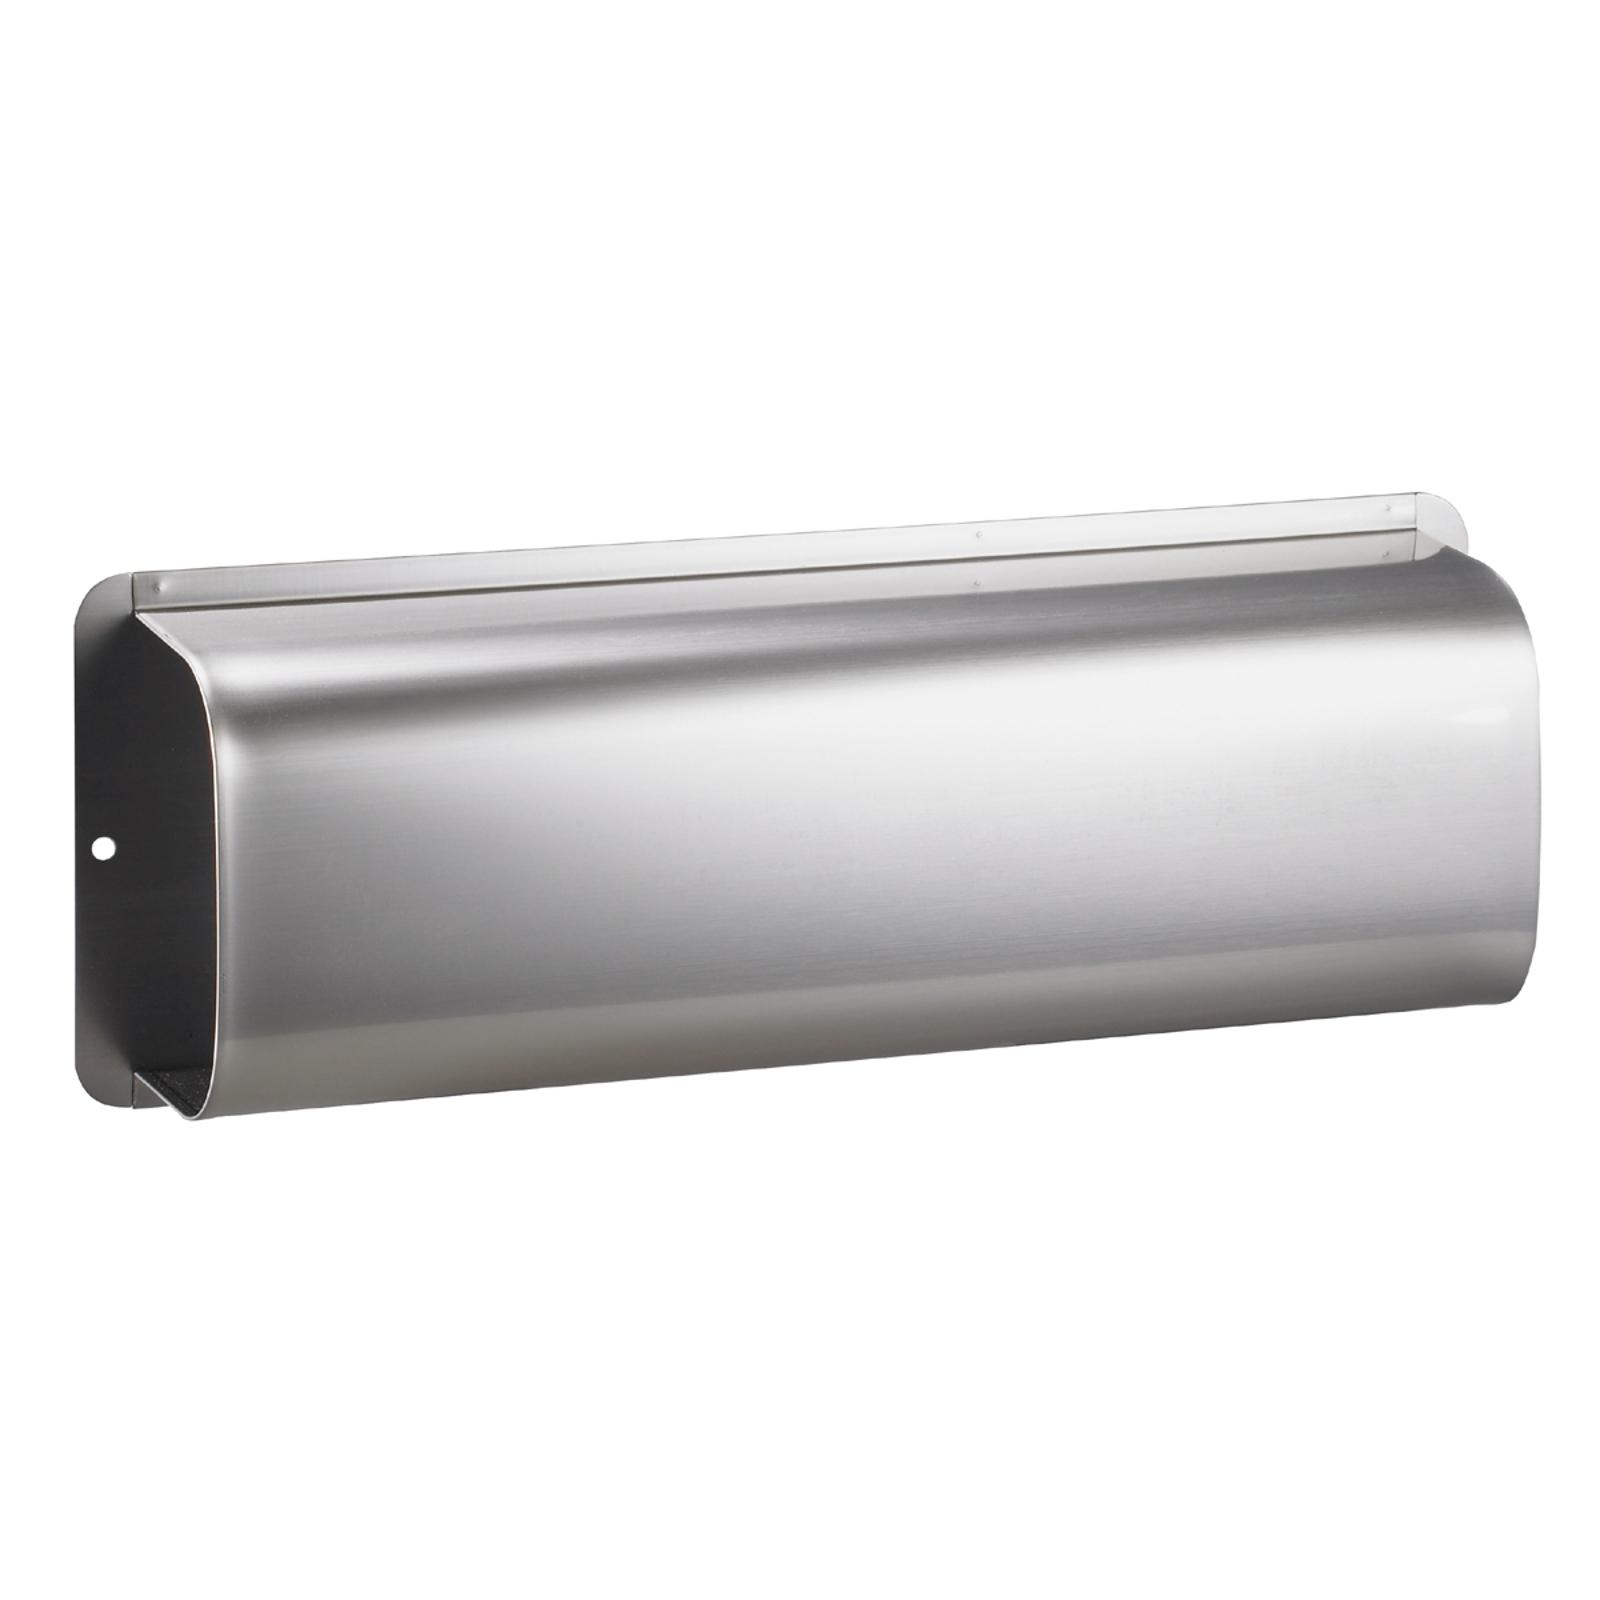 Avisboks, rustfrit stål, passer til postkasse RAIN